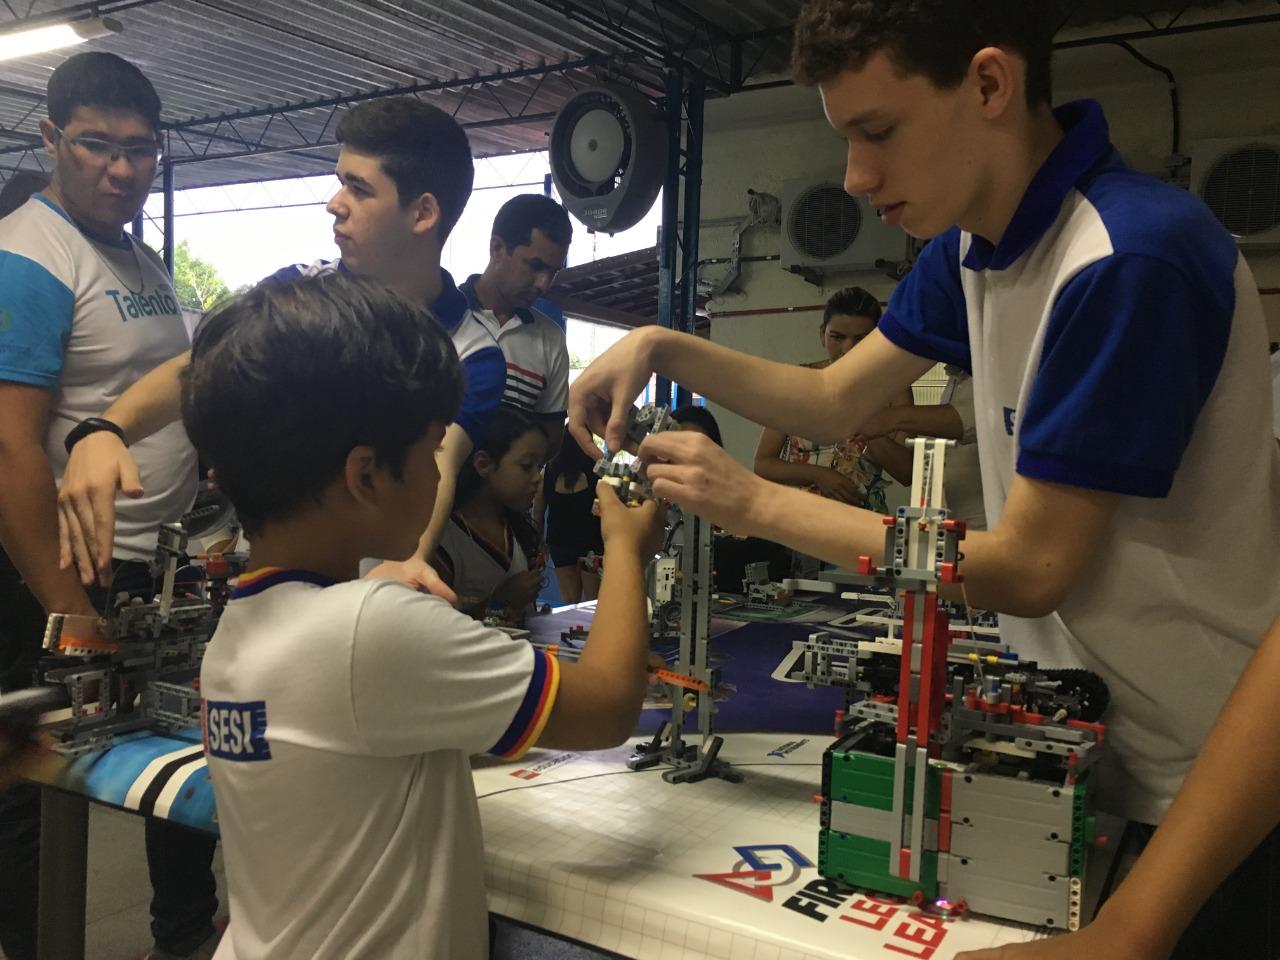 Escola Sesi conta com aula de robótica para estudantes do ensino fundamental